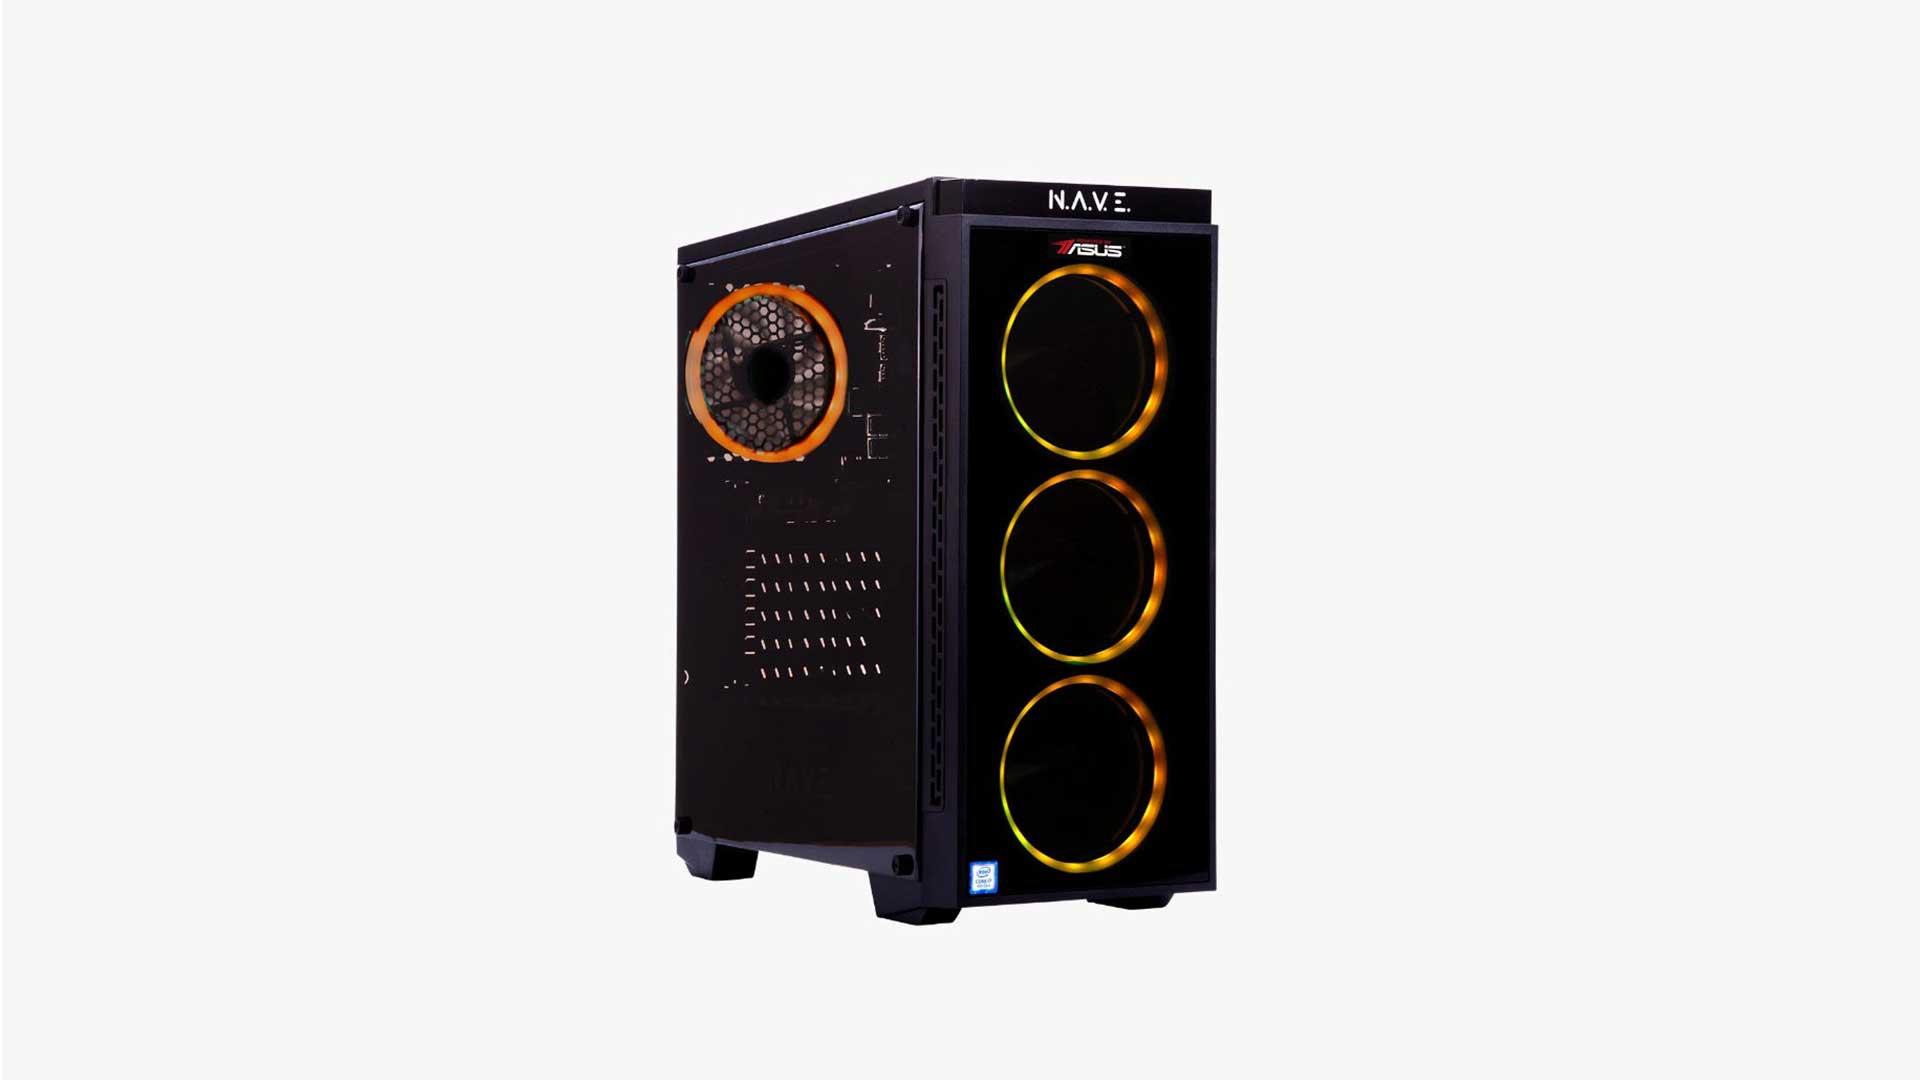 N.A.V.E có mặt trên máy tính để bàn đầu tiên của Brazil với bộ xử lý Intel Core thế hệ thứ 10 2